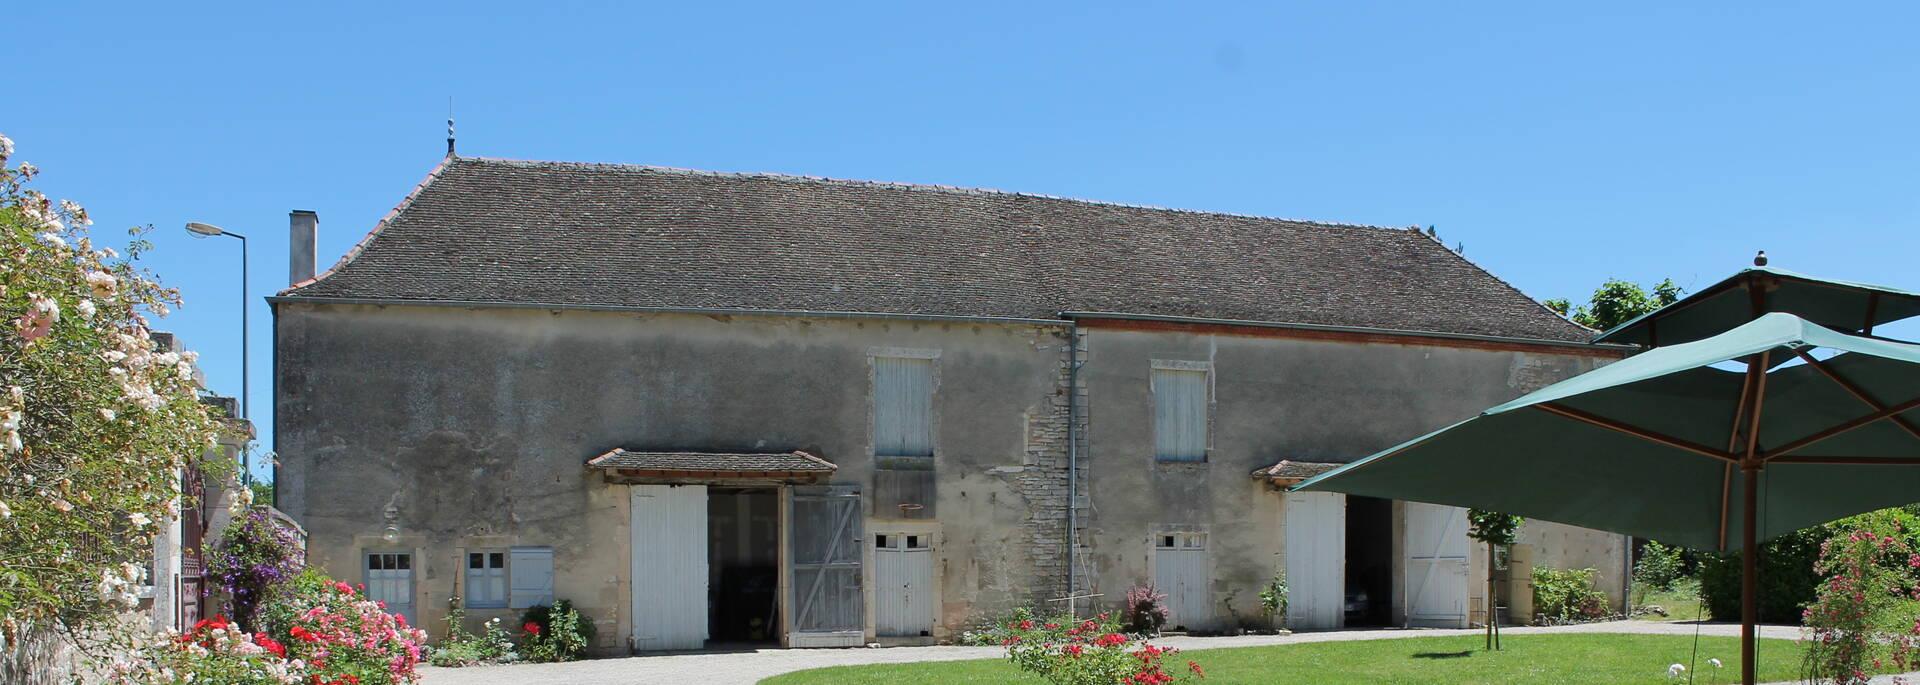 Gîte bâtisse ancienne - © Office de Tourisme